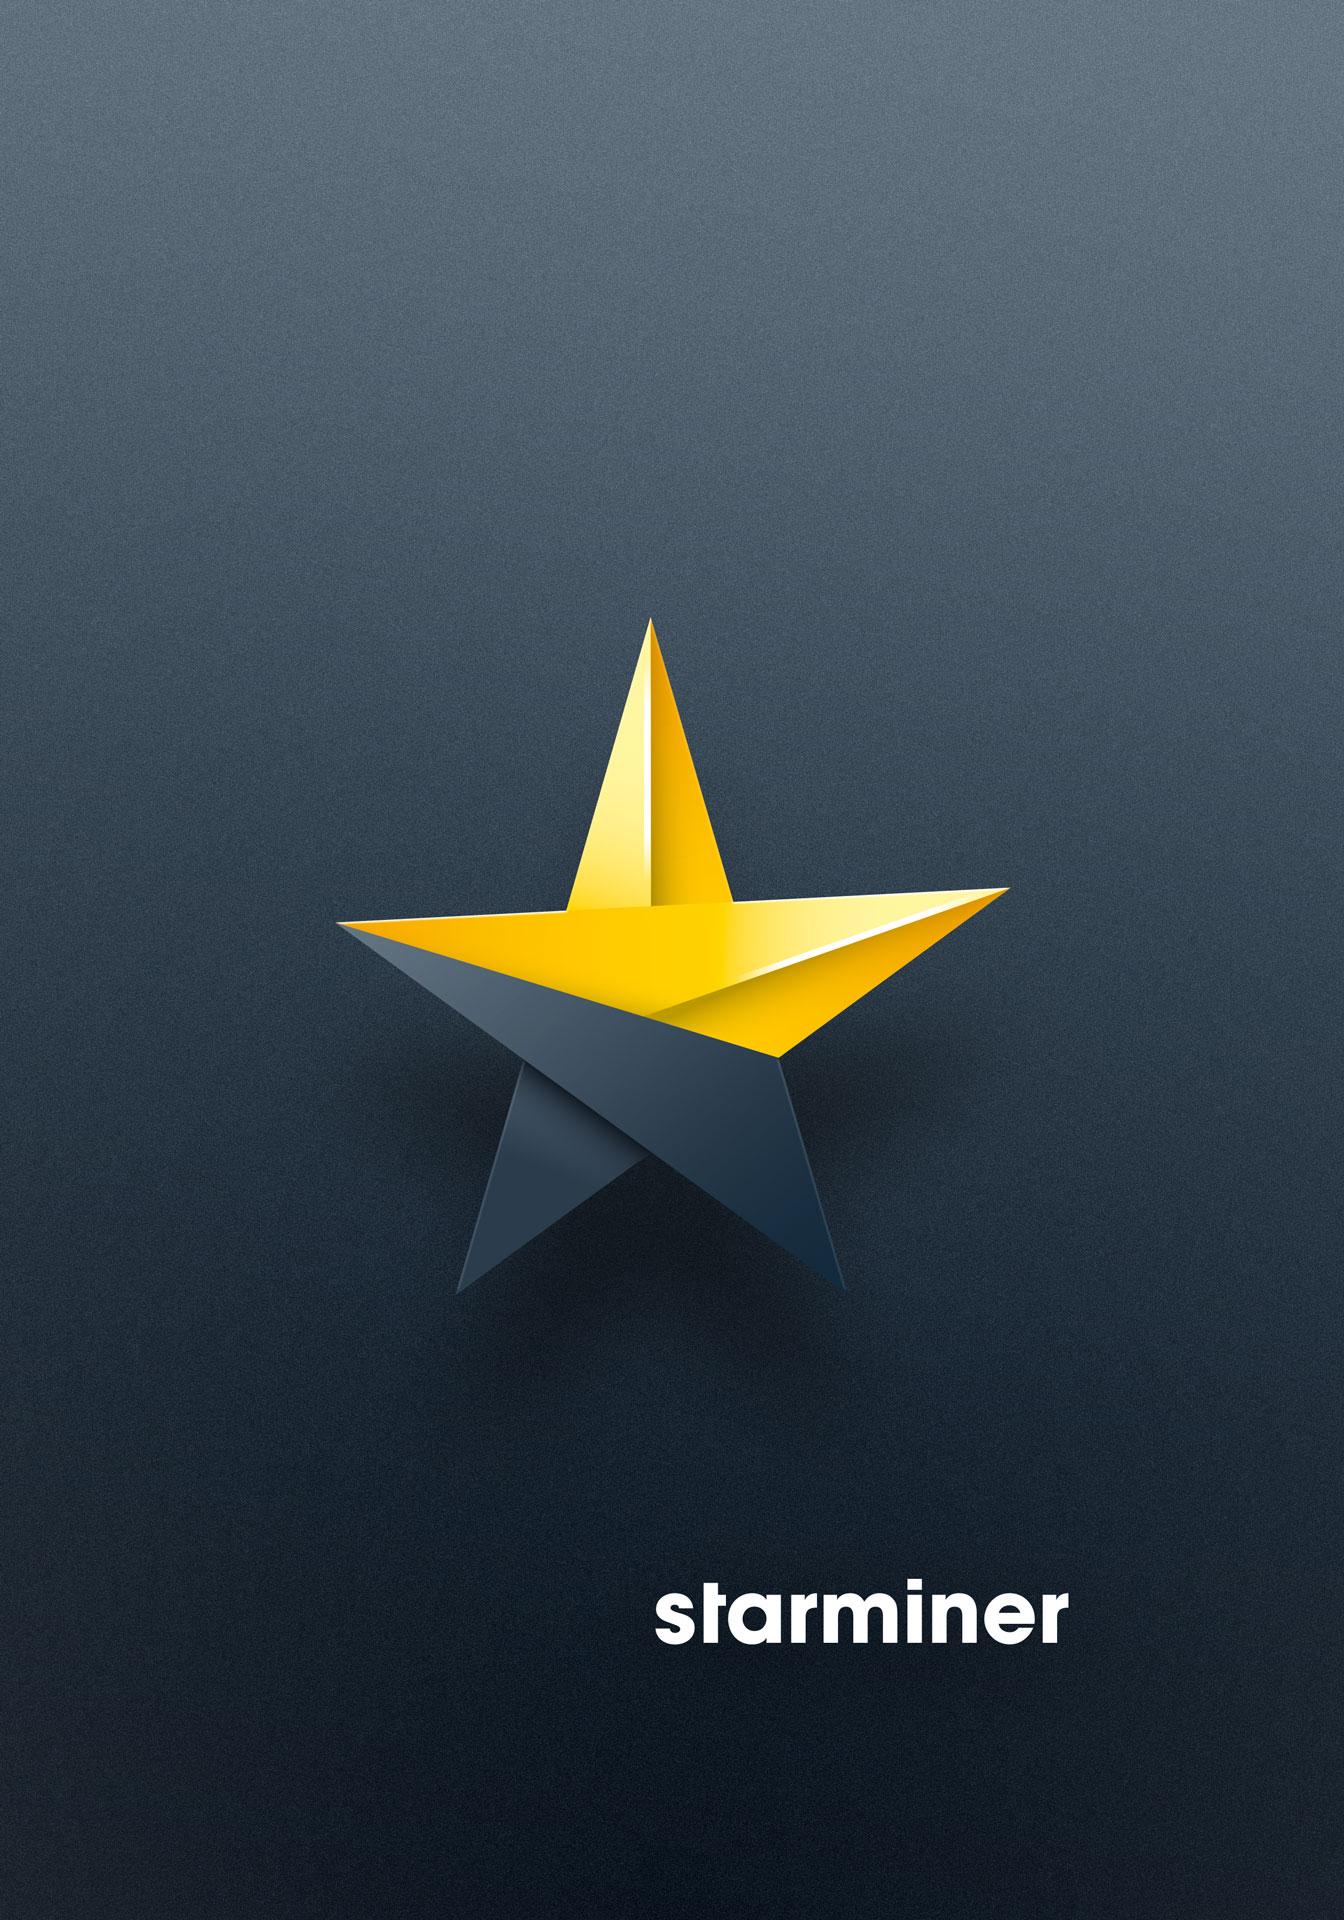 starminer01